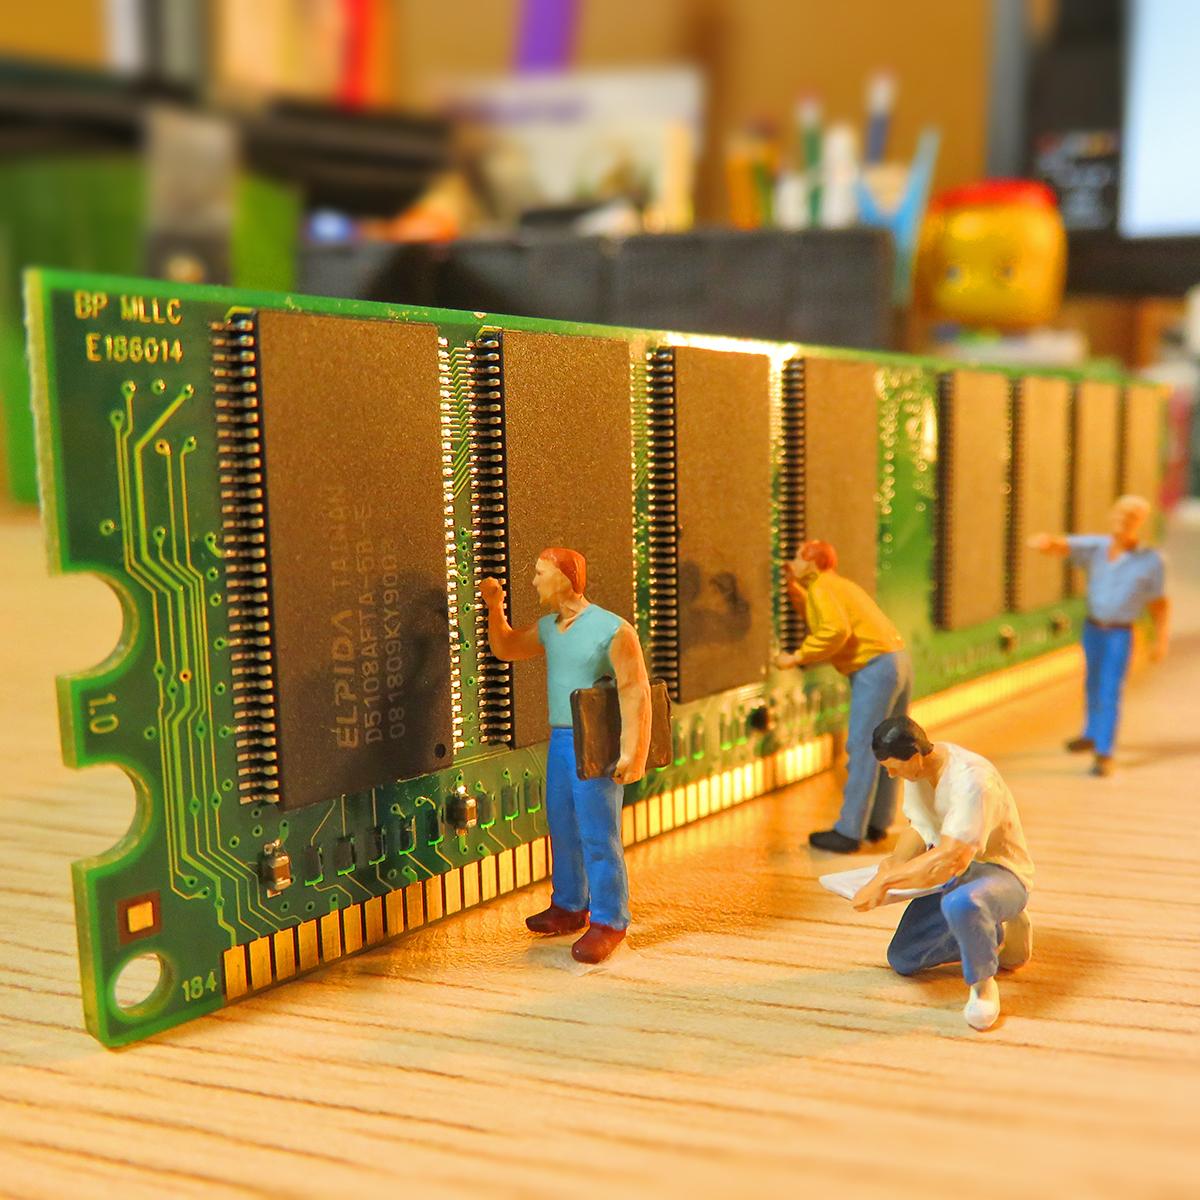 9月28日はパソコン記念日!パソコン内部で記憶を担当するメモリー作業員